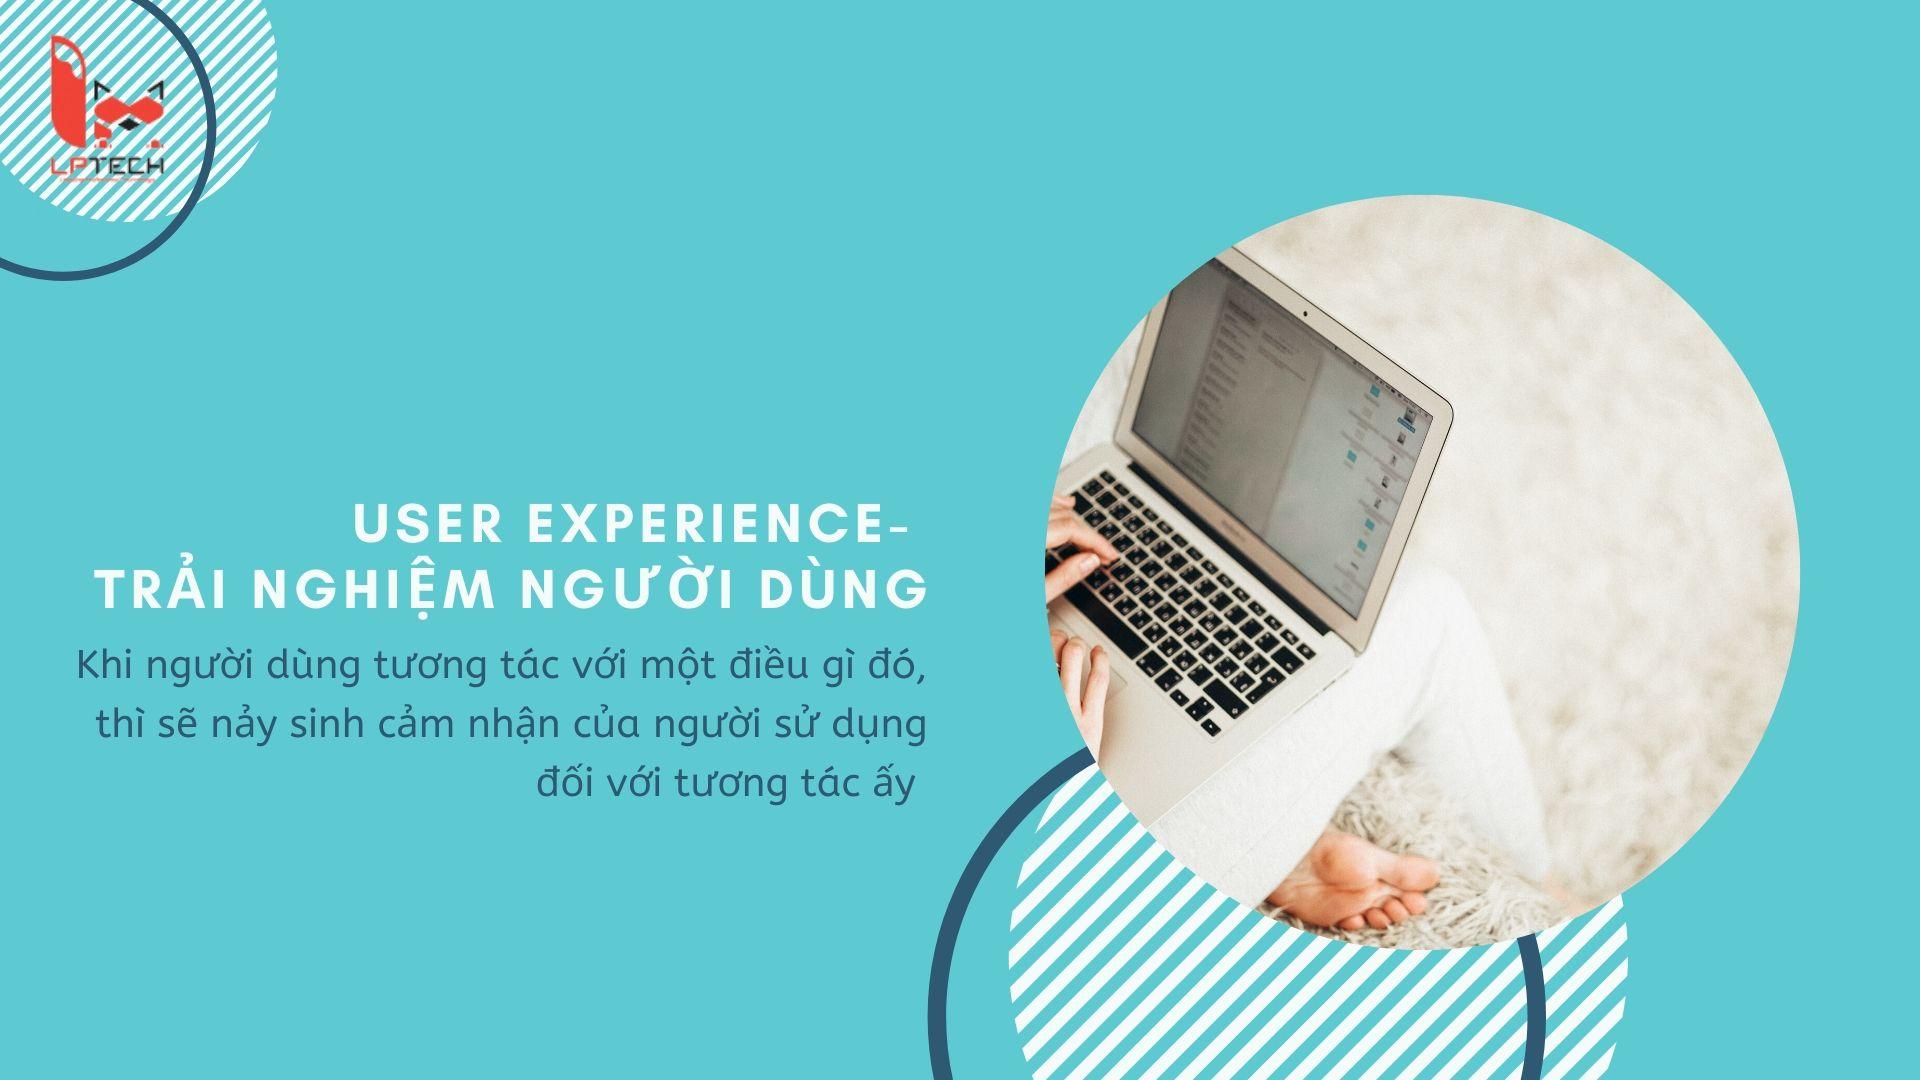 UX thiết kế trải nghiệm người dùng cho website